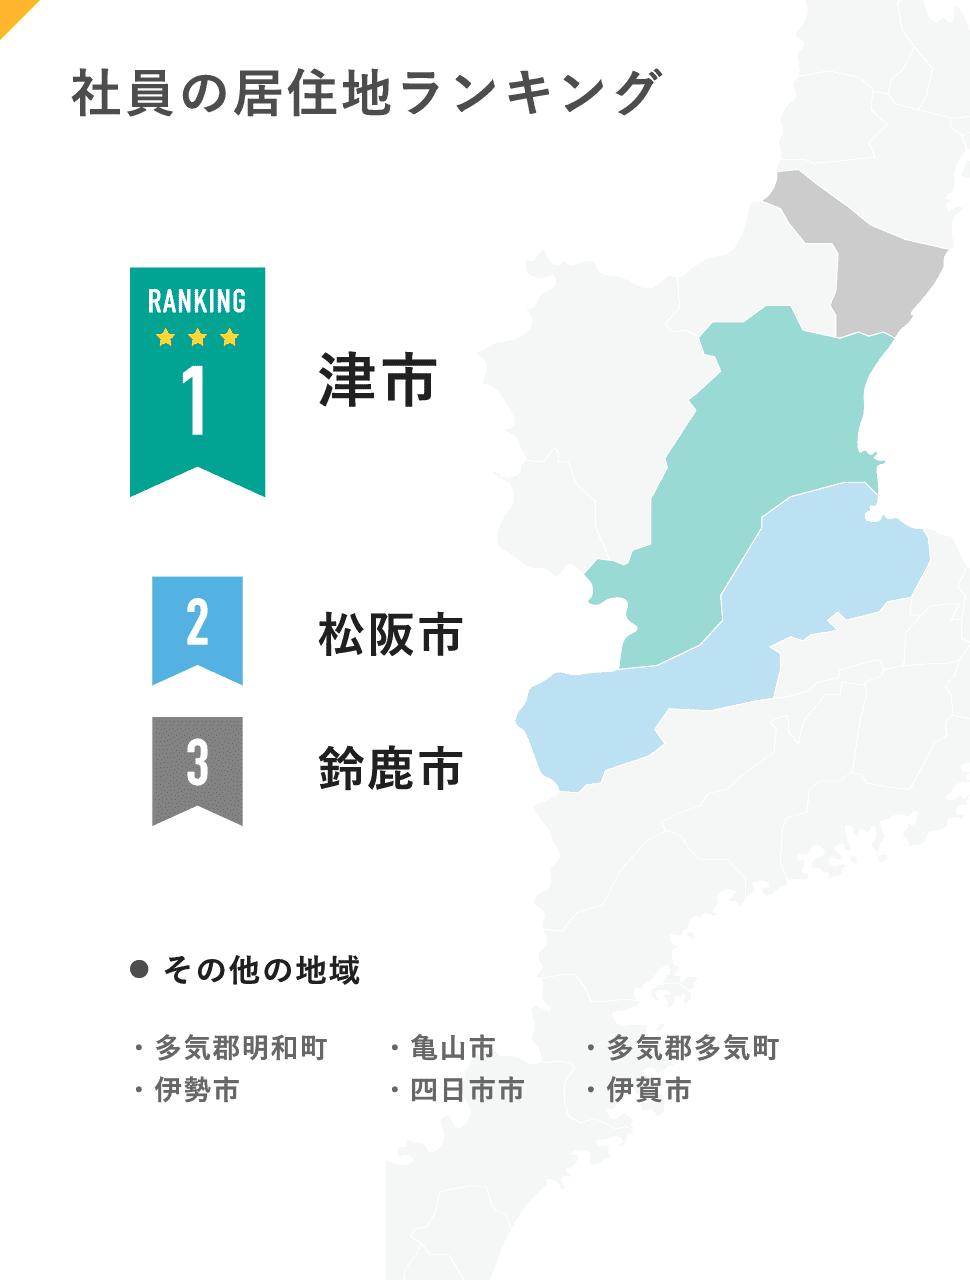 社員の居住地ランキング:1位津市